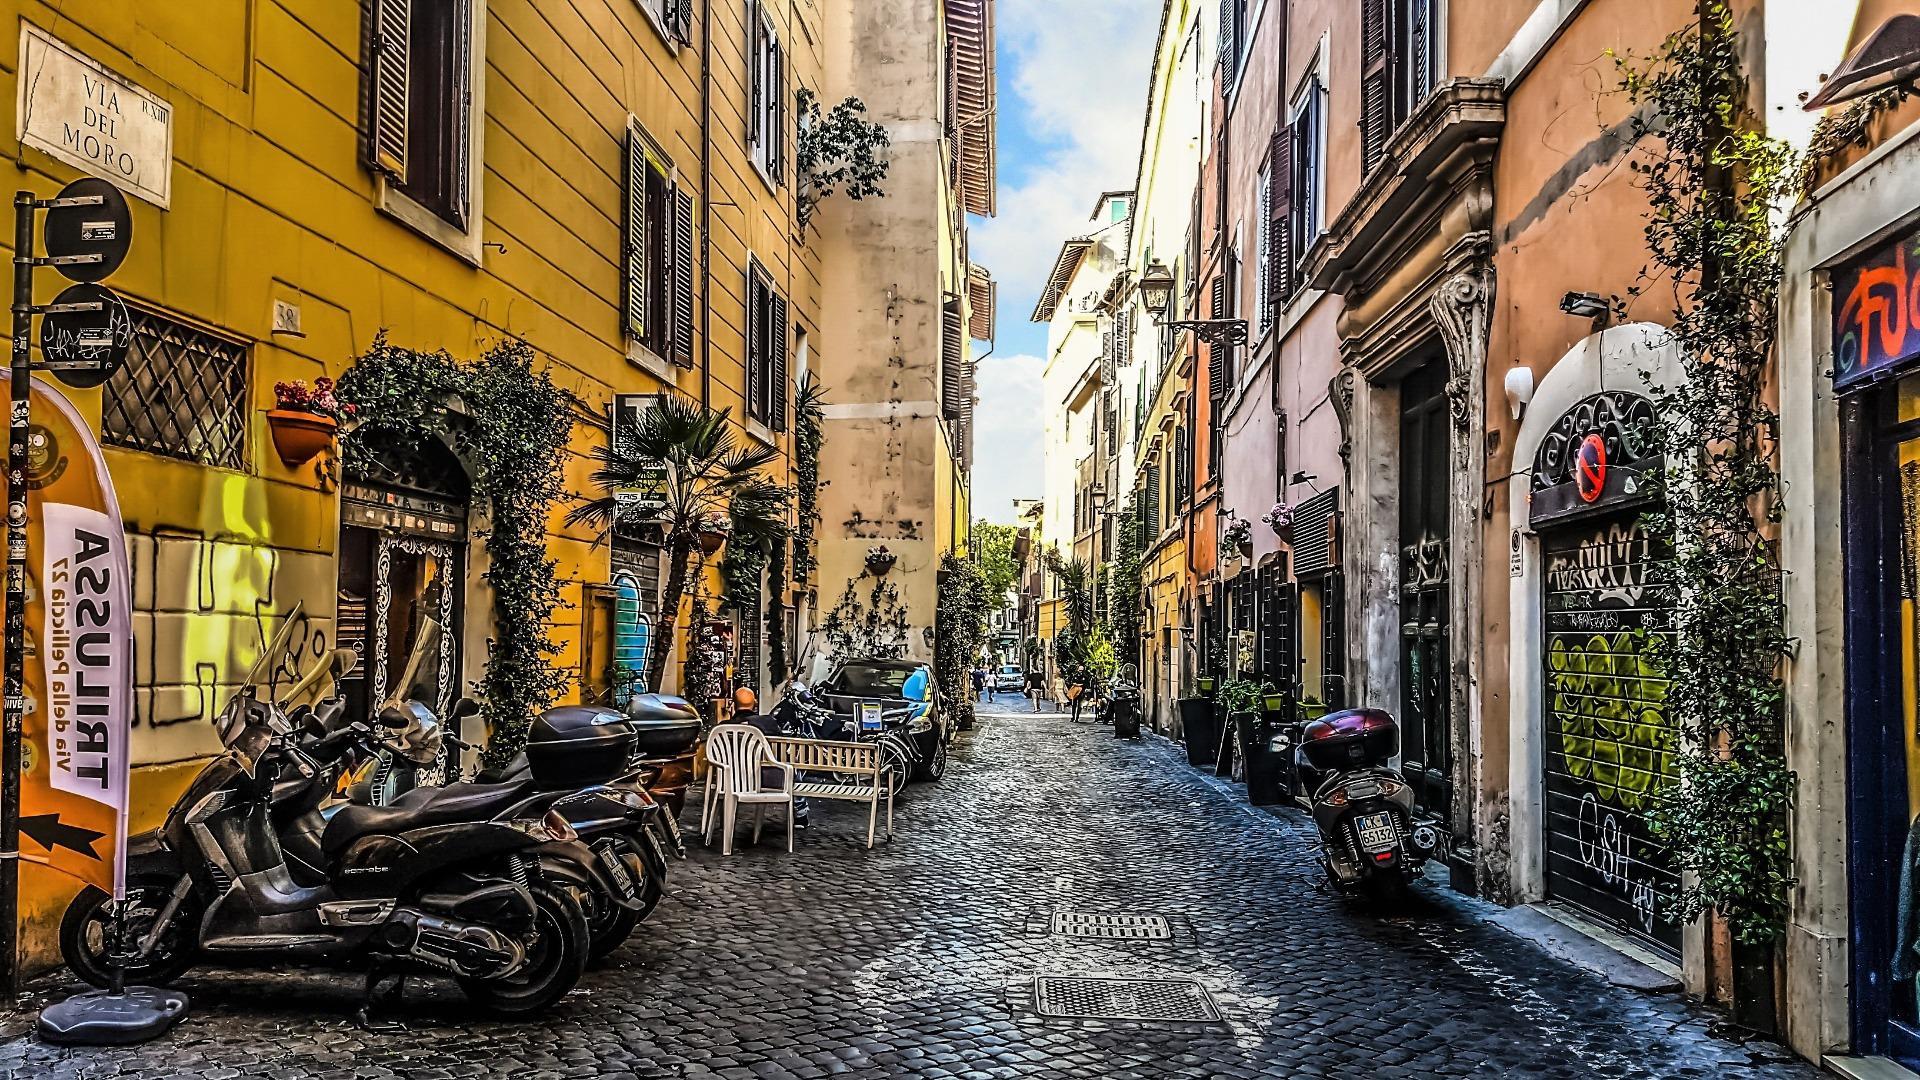 Street of Trastevere (Rome, Italy) wallpaper